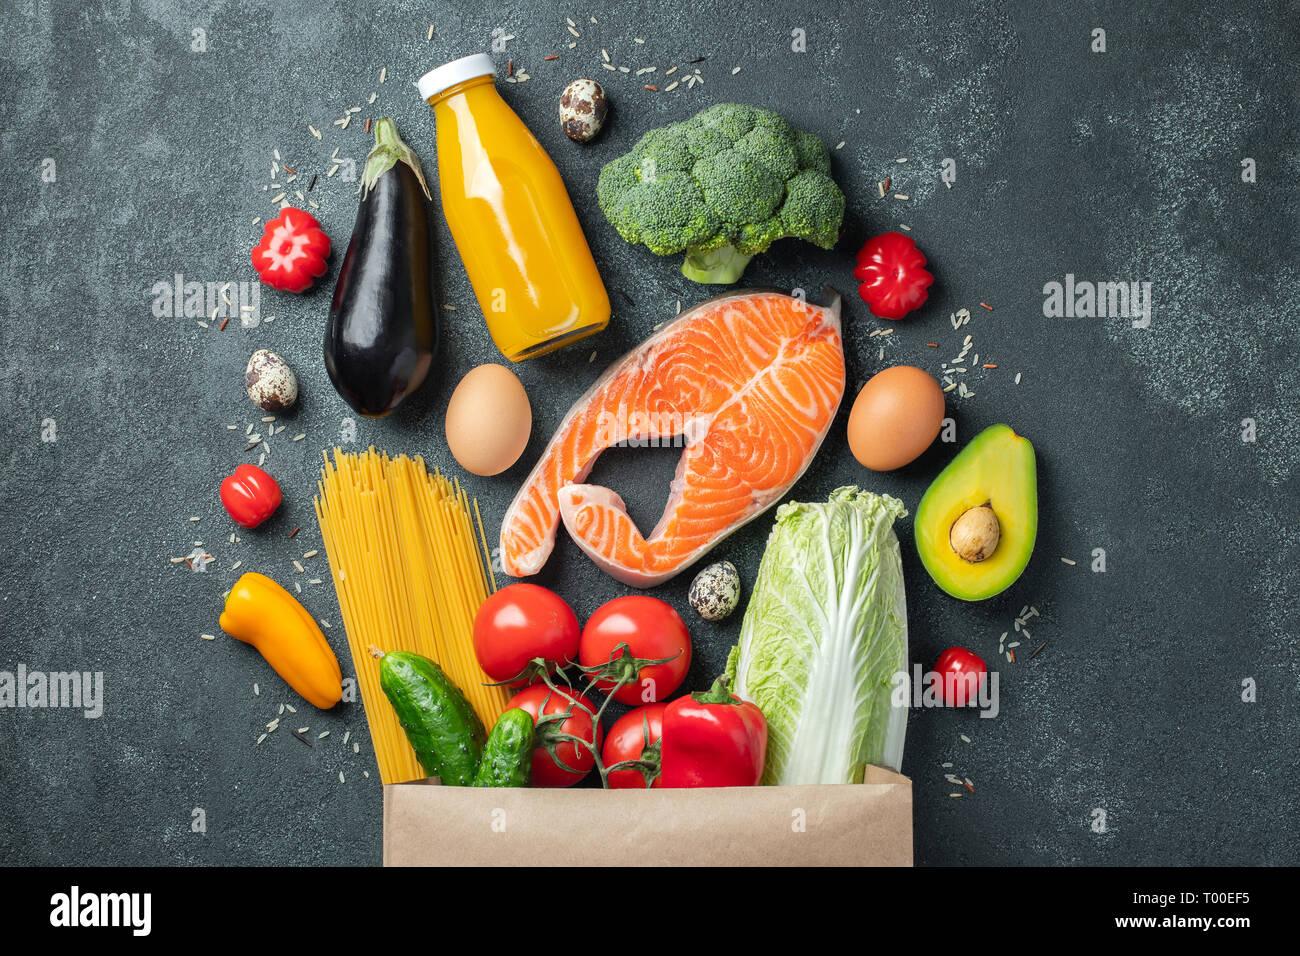 Supermarché. Sac de papier plein d'aliments sains sur une base de béton foncé. Vue d'en haut. Mise à plat. Banque D'Images